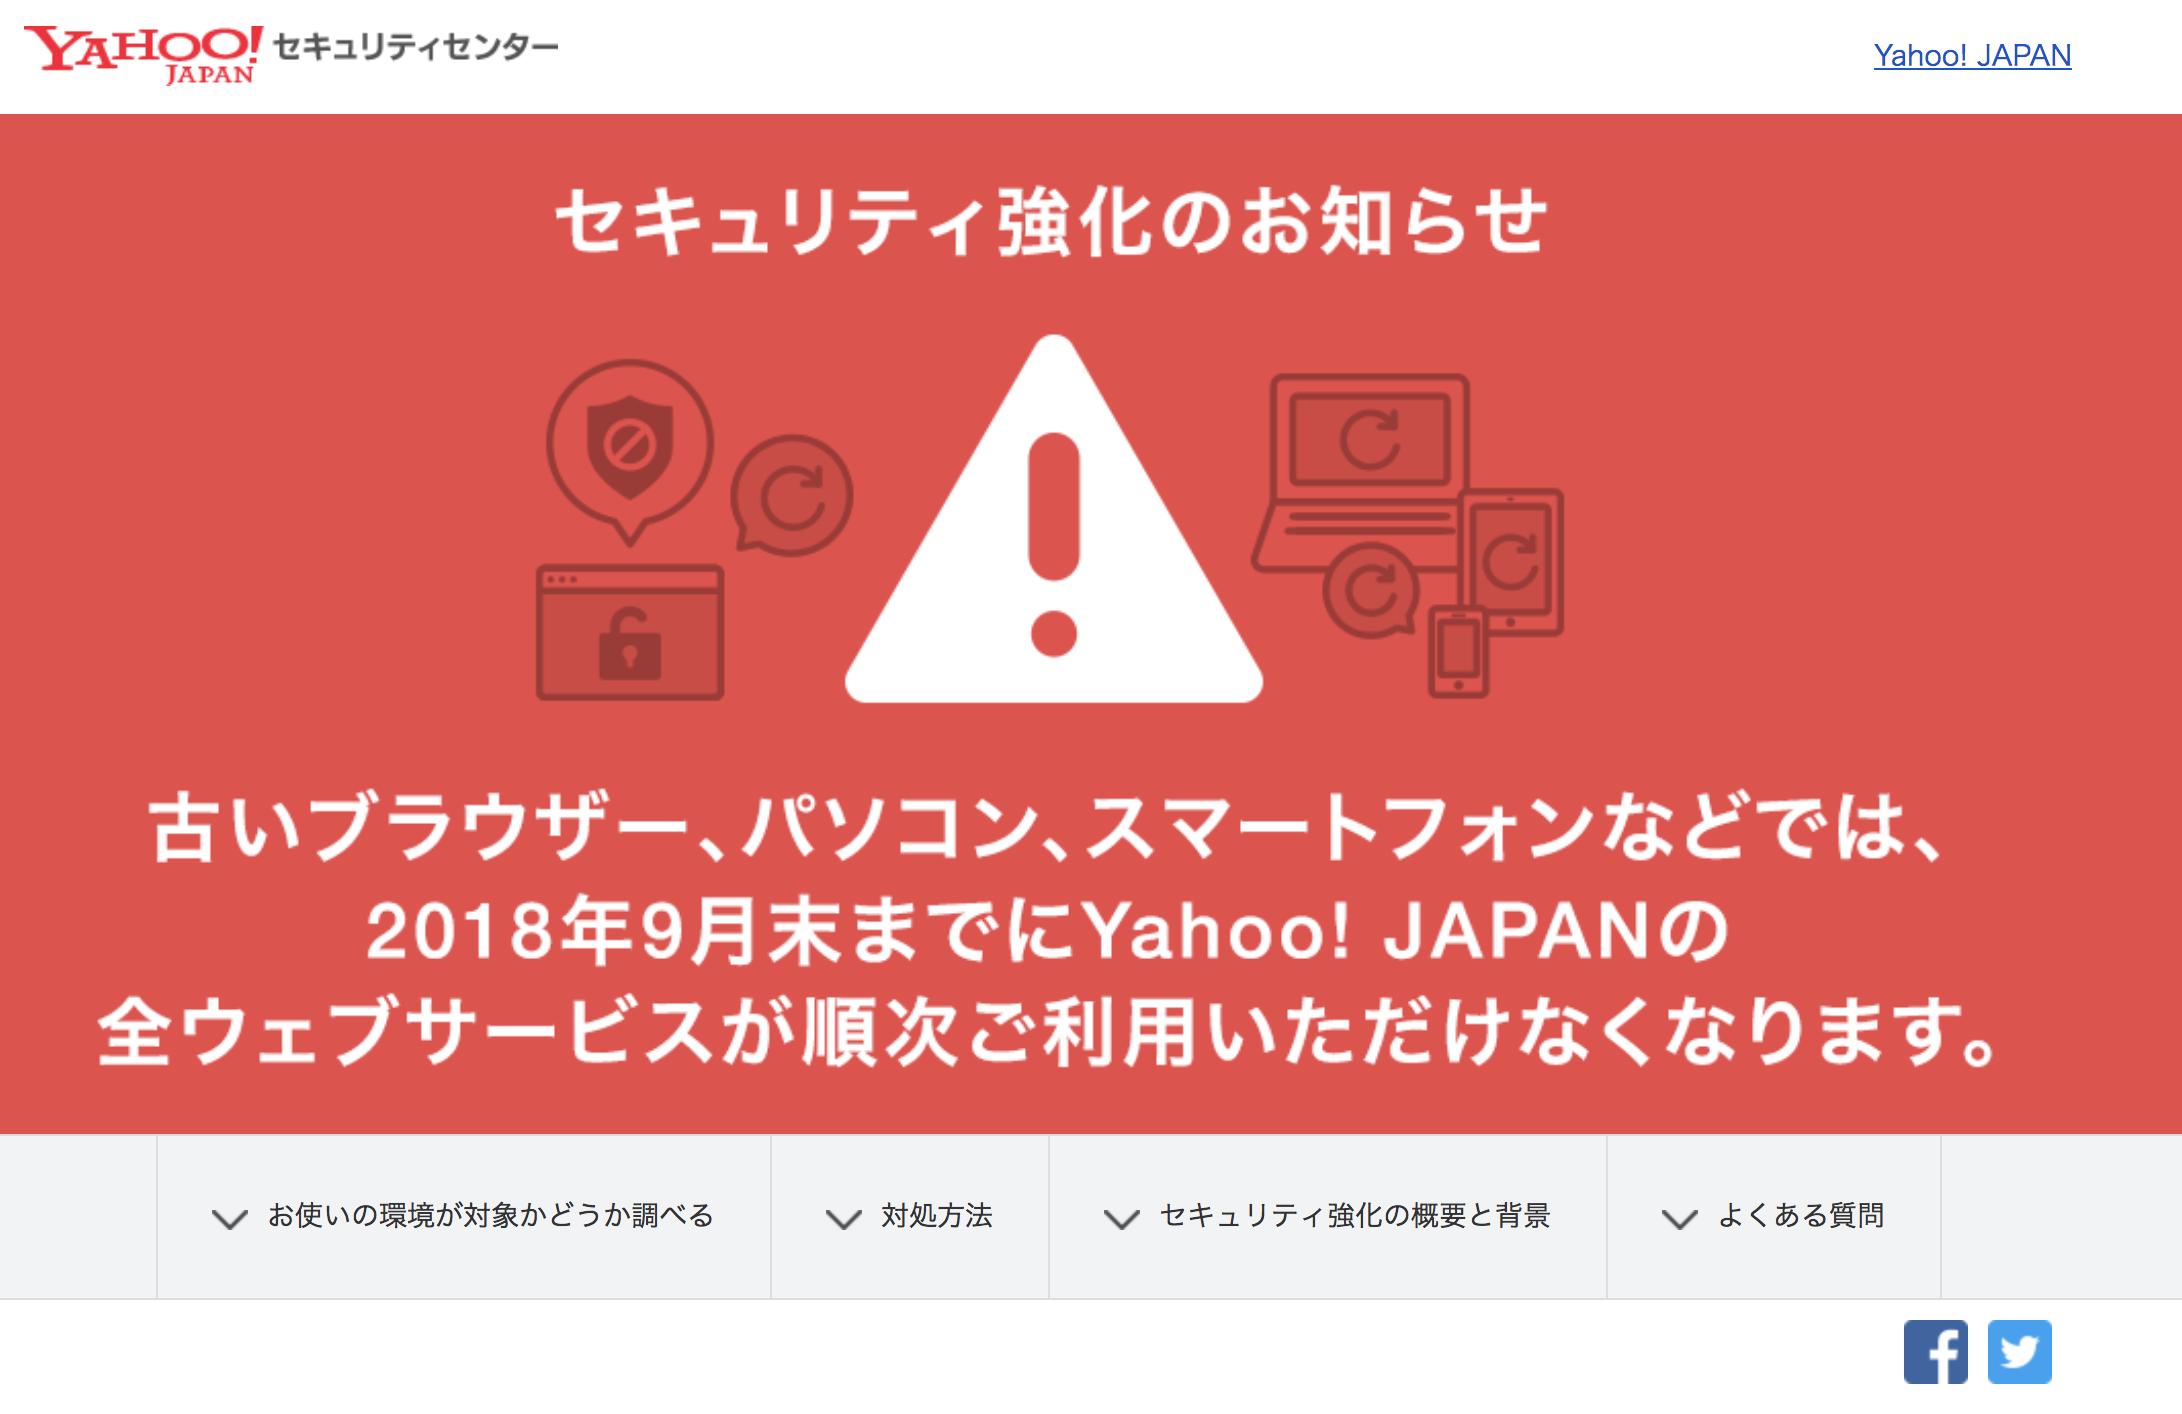 スクリーンショット 2018-09-15 0.01.31.png